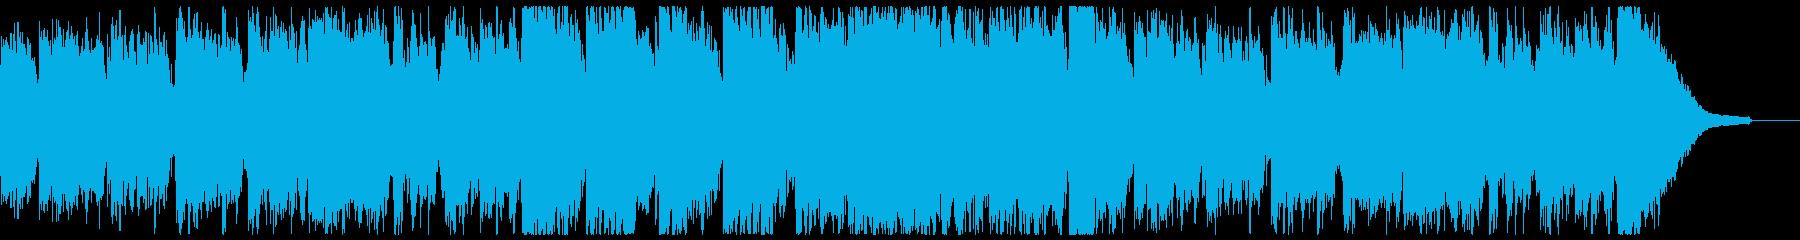 ムーディーな七夕・エンディング・ジャズの再生済みの波形